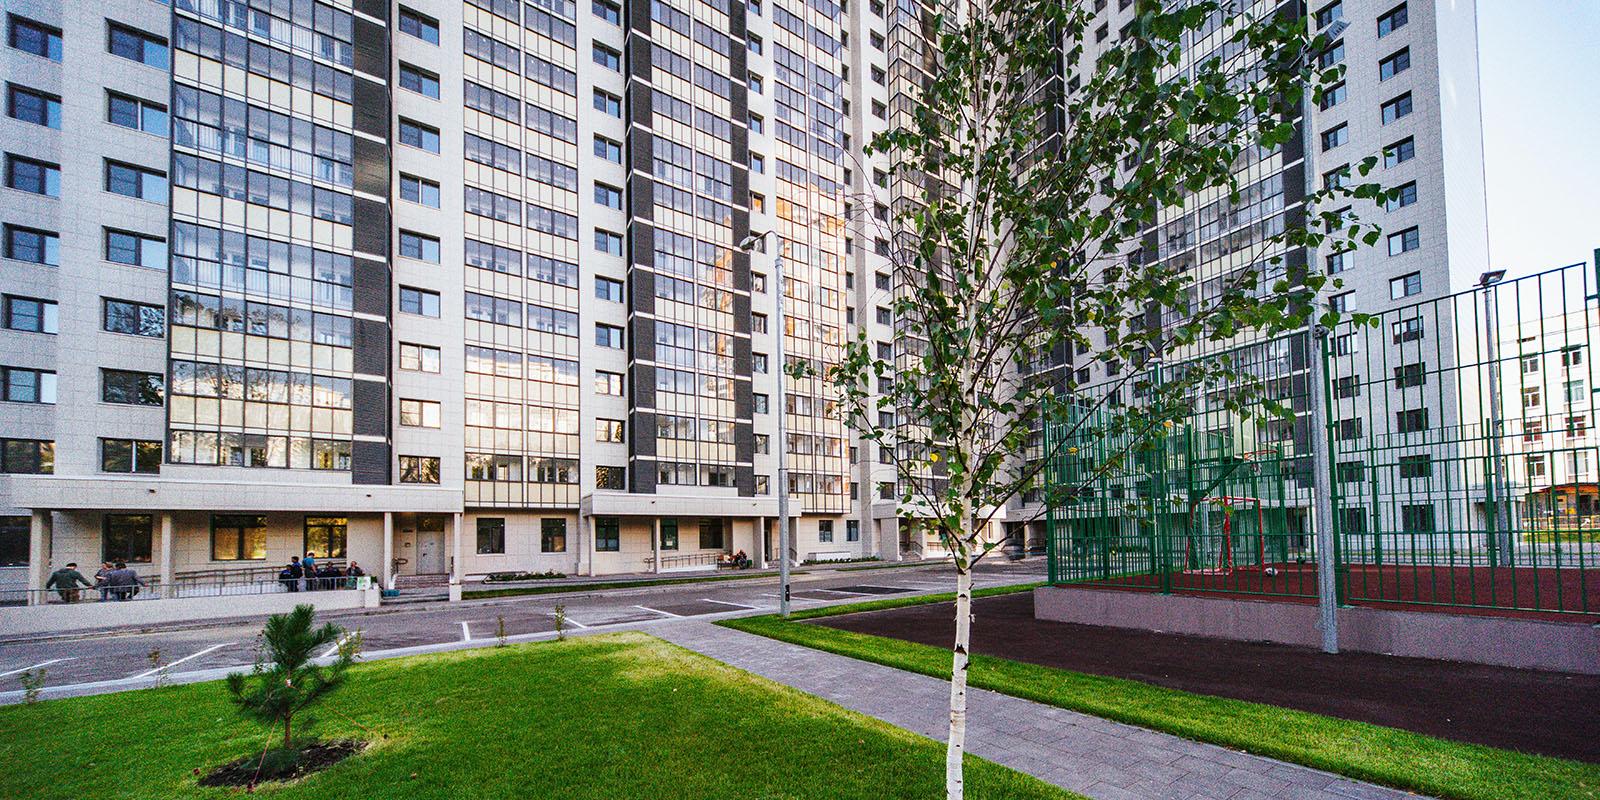 Программа реновации в ЗАО: жильцы дома на улице Лобачевского переезжают в новые квартиры